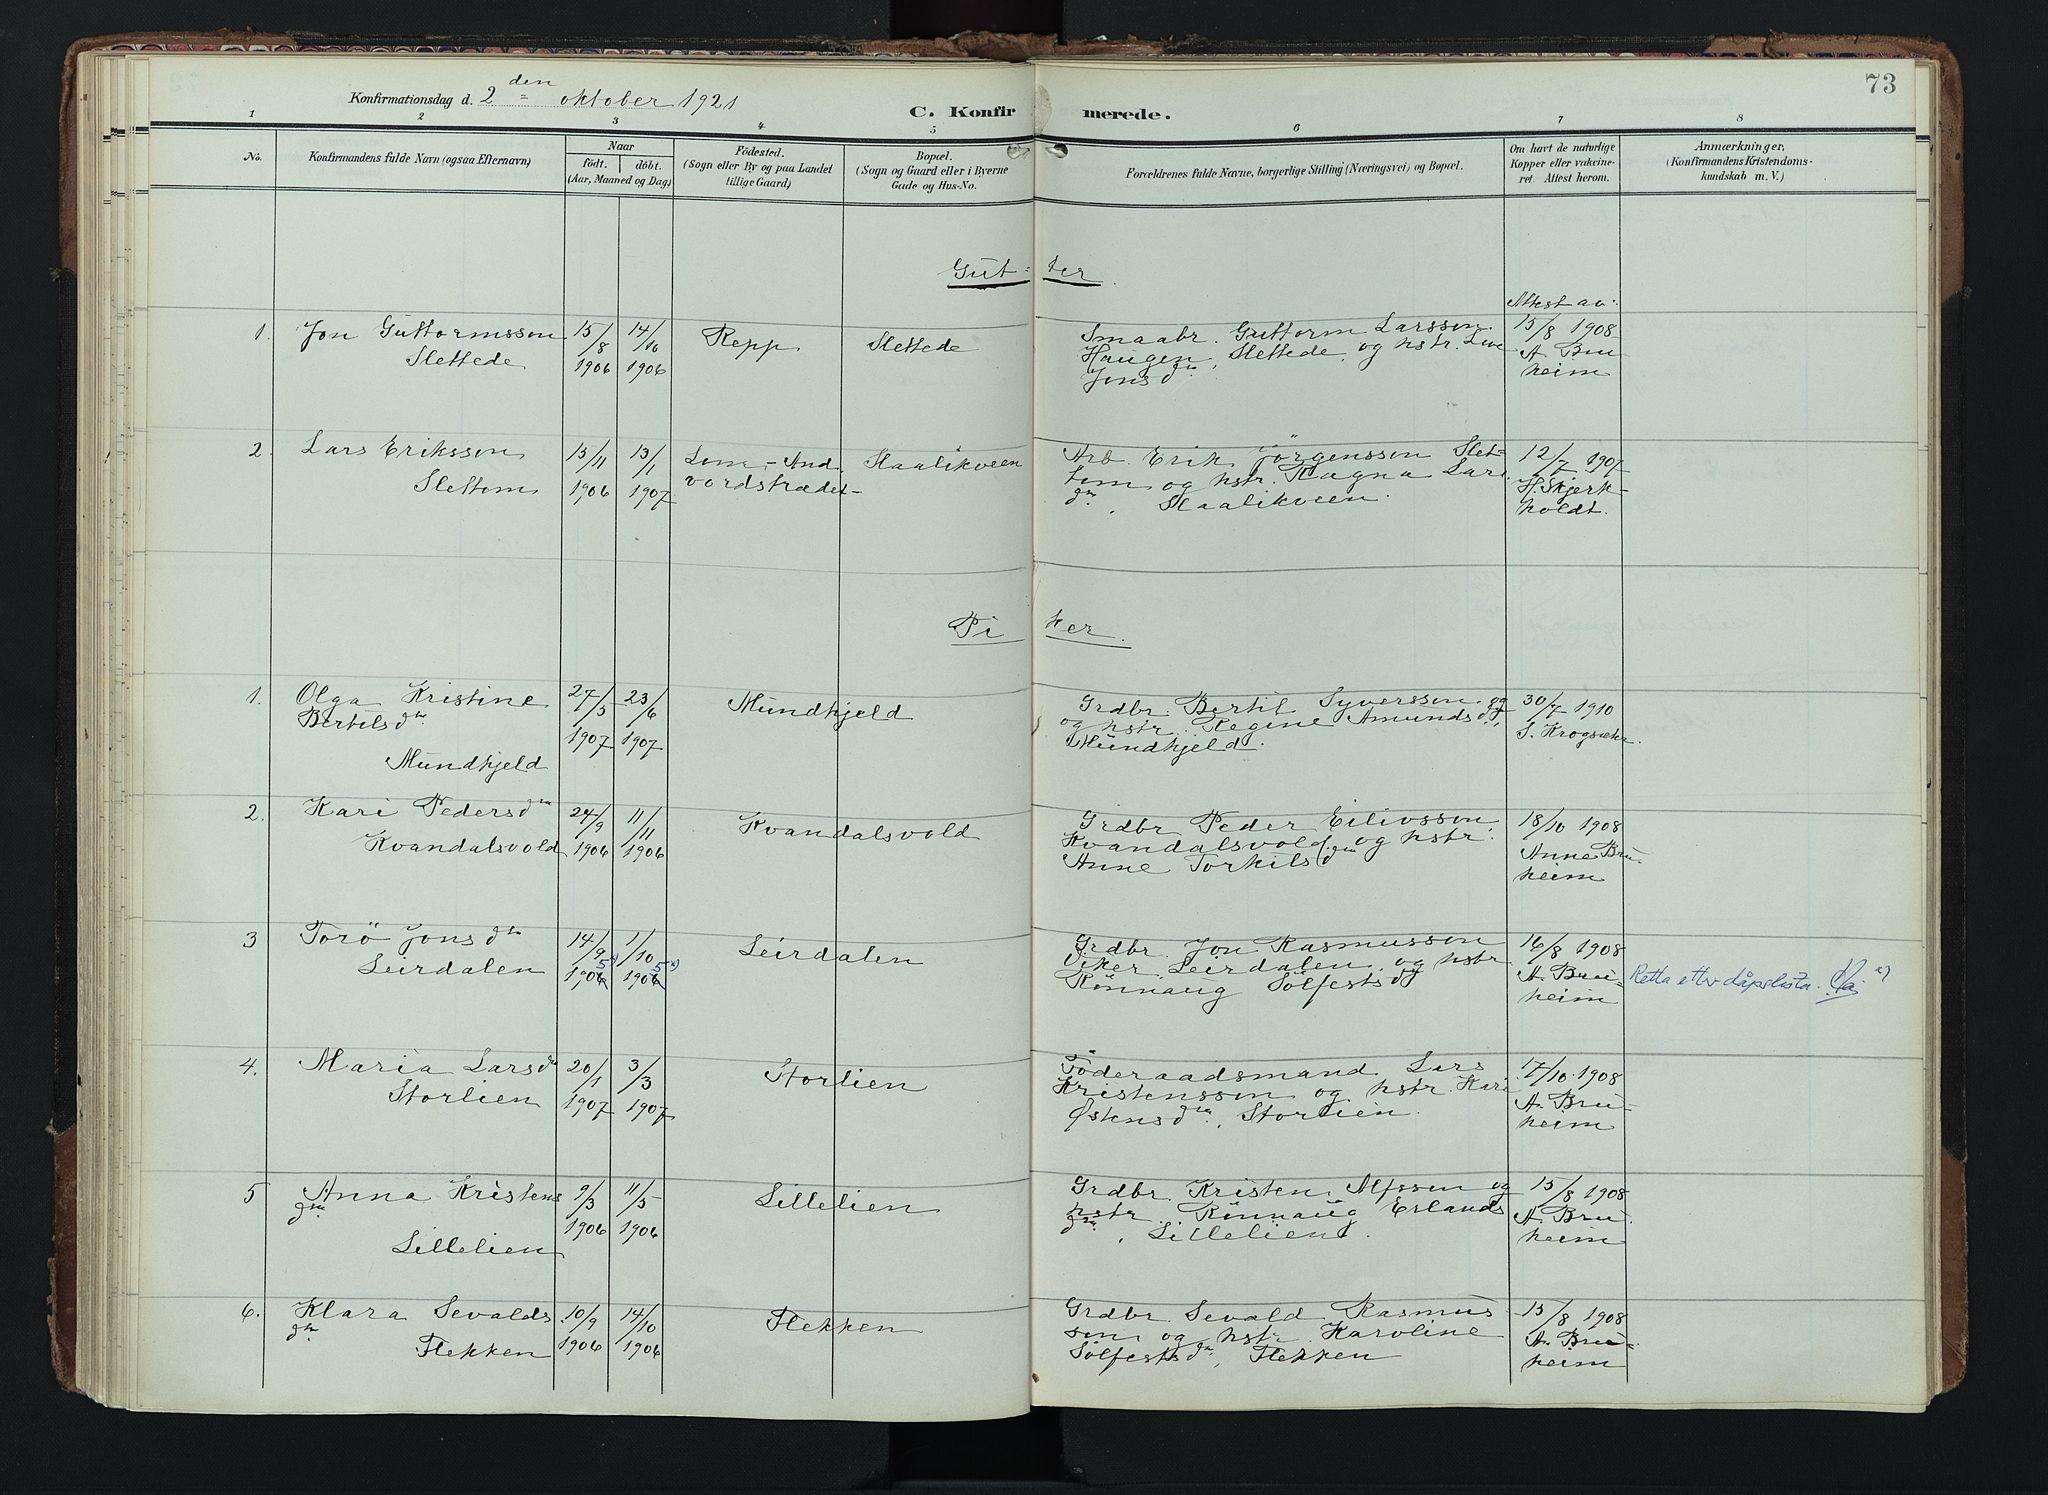 SAH, Lom prestekontor, K/L0012: Ministerialbok nr. 12, 1904-1928, s. 73